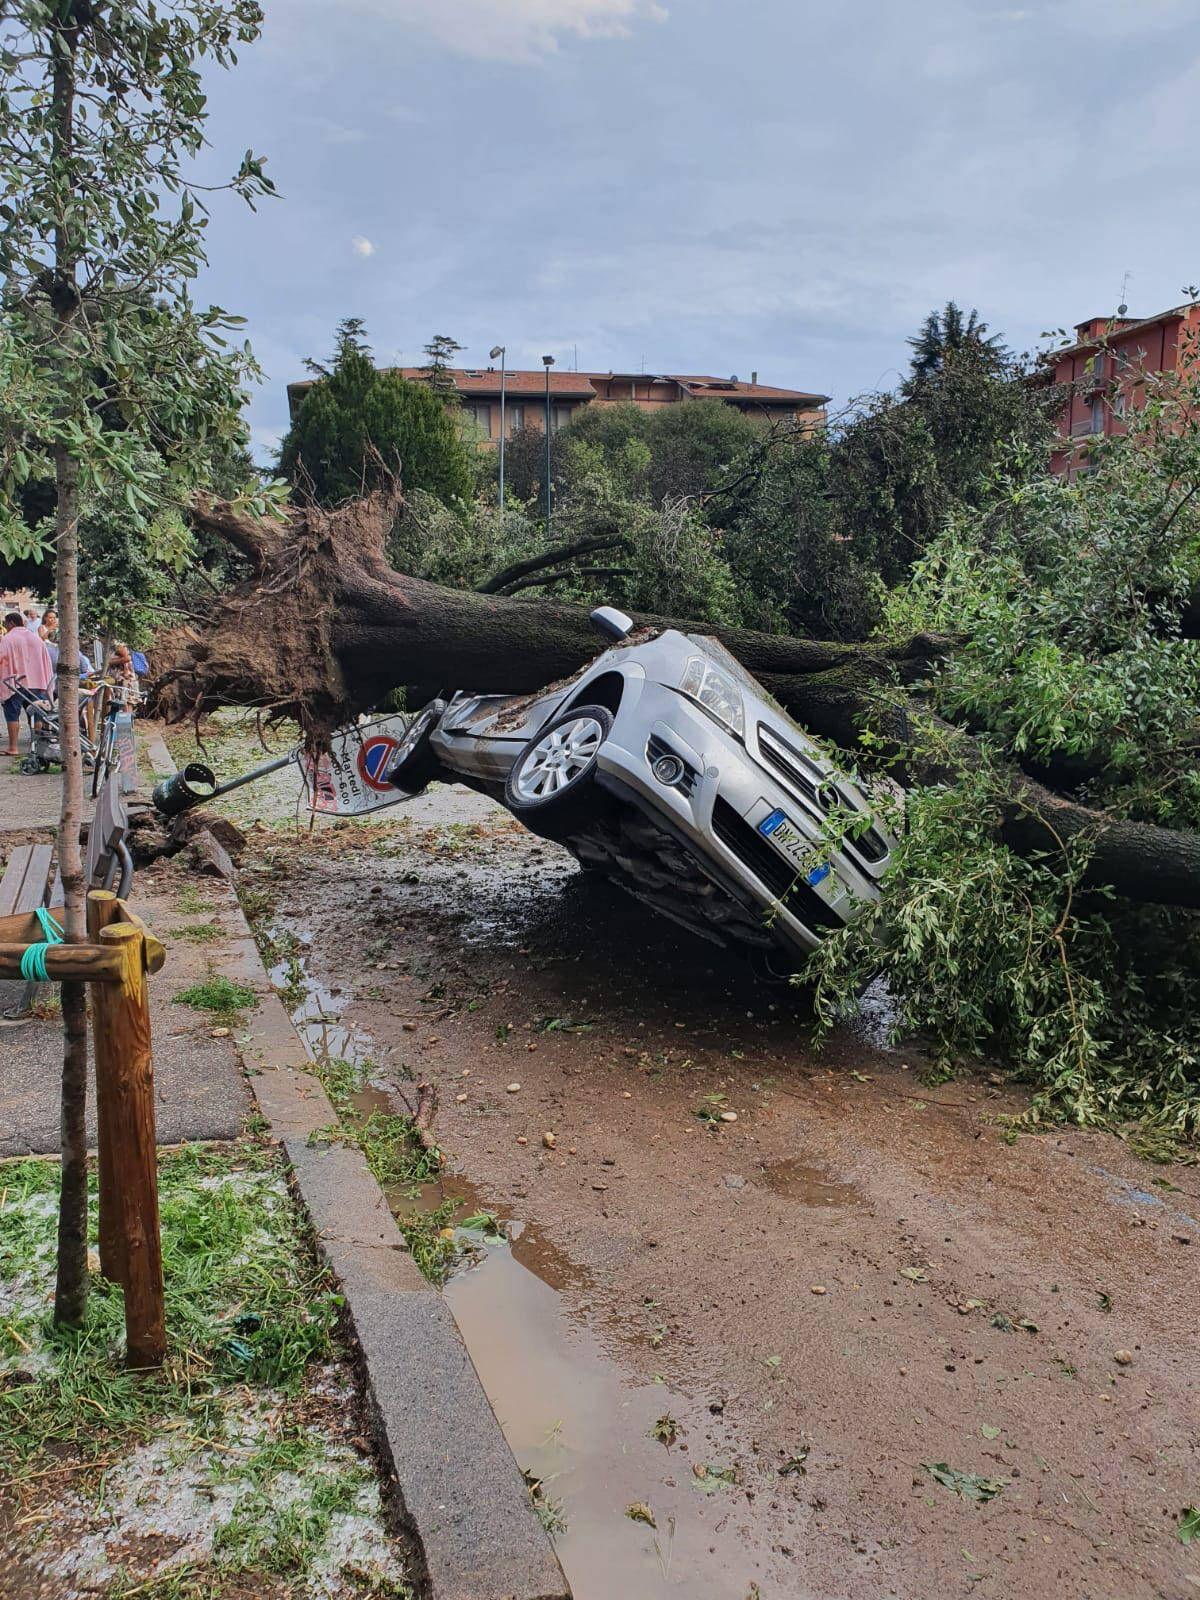 Foto IPP/Emanuele Pennacchio Verona 24/08/2020 Maltempo - i danni provocati dal nubrifagio e dalla violenta grandinata